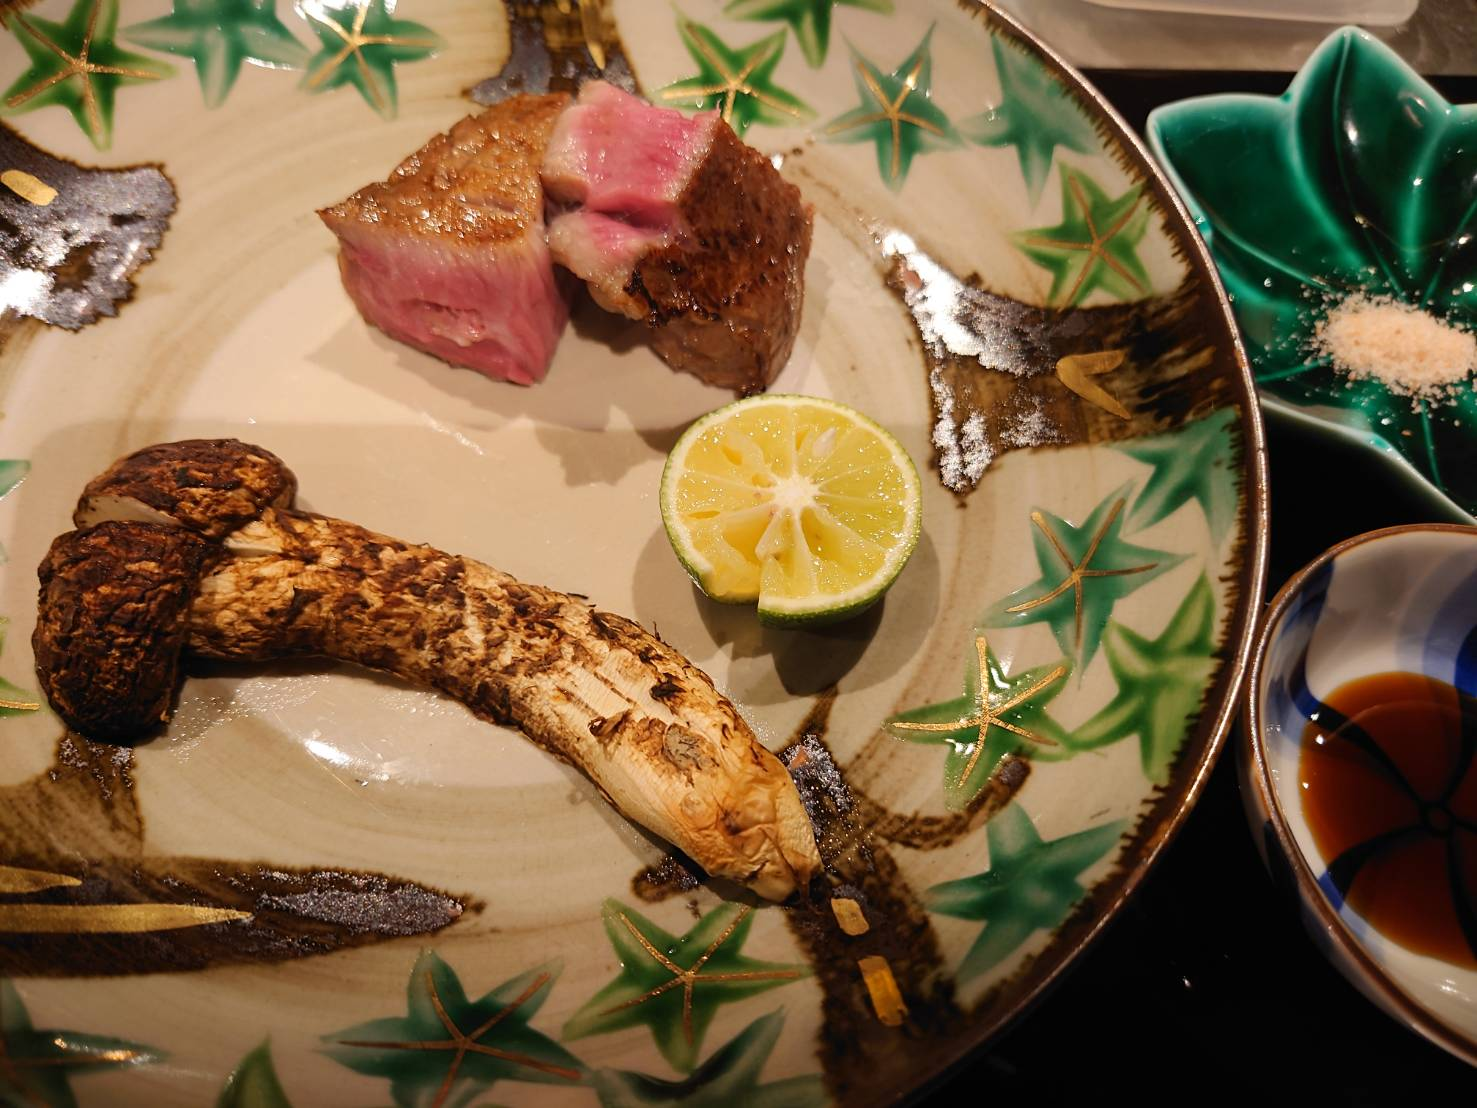 【日本料理みつわ】本日の一皿<p>質感・味・色にこだわり、 最適の熟成を見極めたとちぎ和牛匠ヒレ。 旨味が凝縮され、よりジューシーな 味わいに仕上がりました。 香高い信州の早松茸と共に、 炭火で炙り、 素材の持ち味をシンプルに楽しむ一皿です。</p>